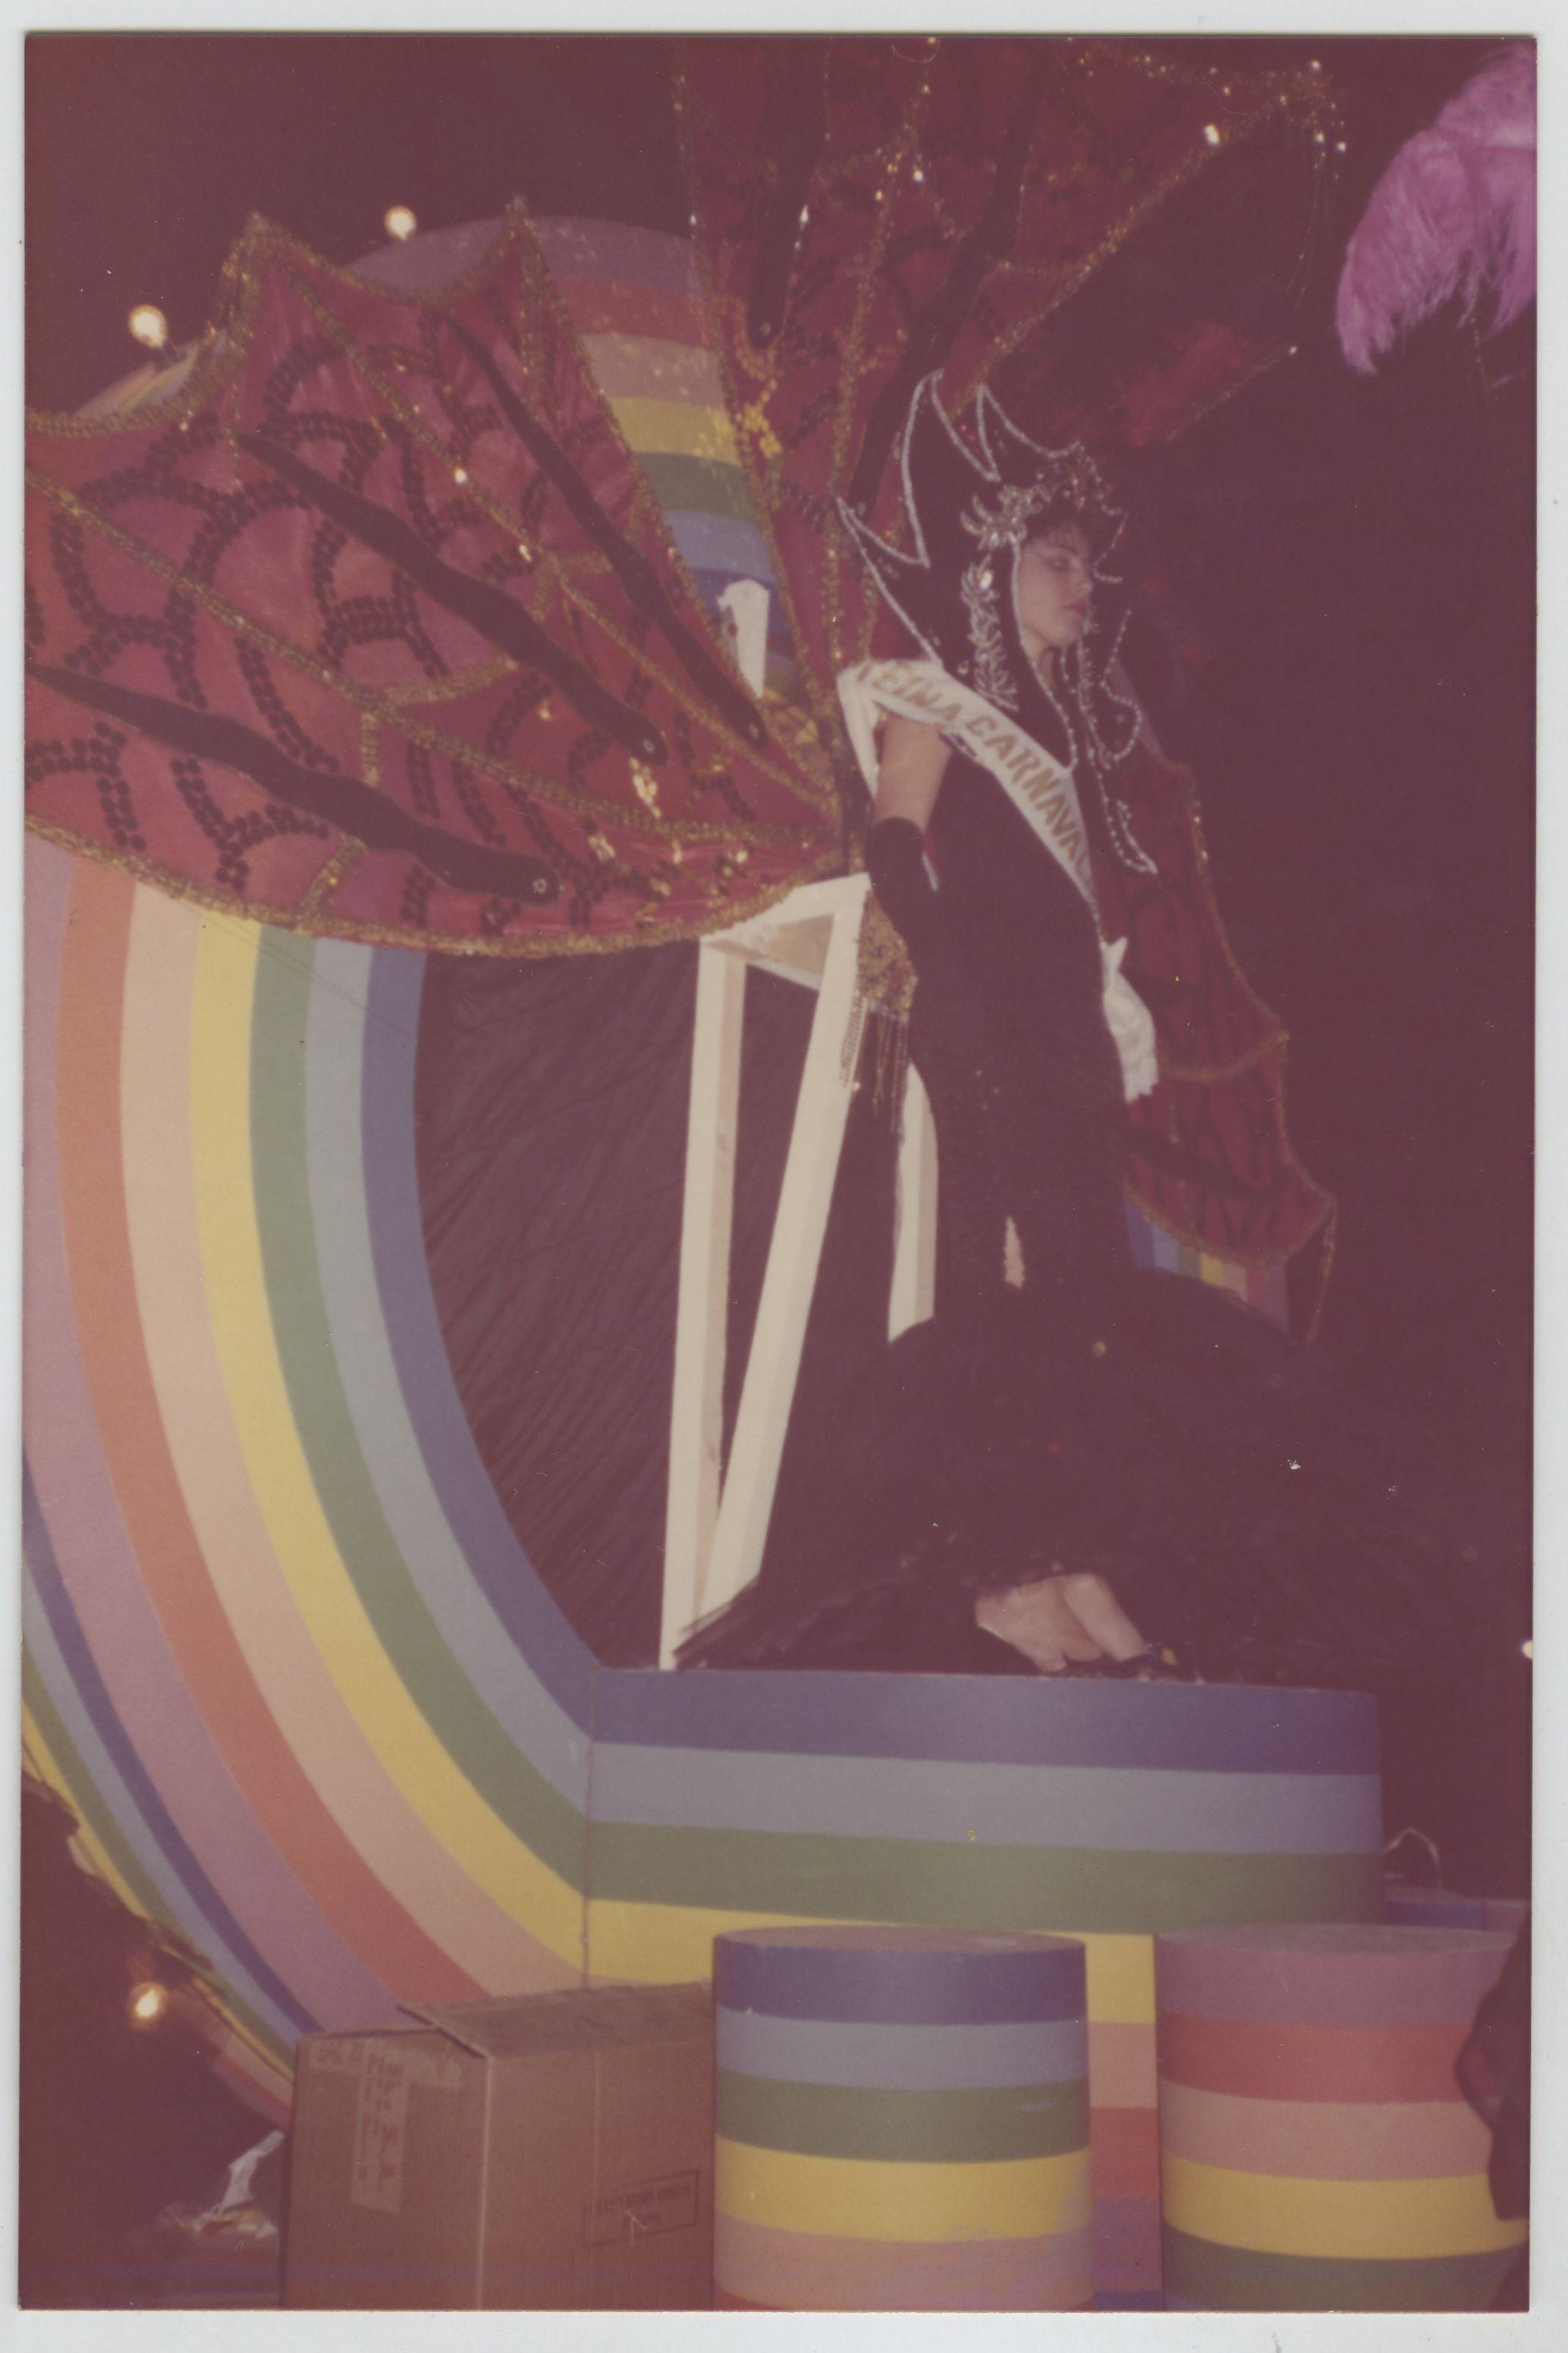 Coso carnaval de Arrecife XIII